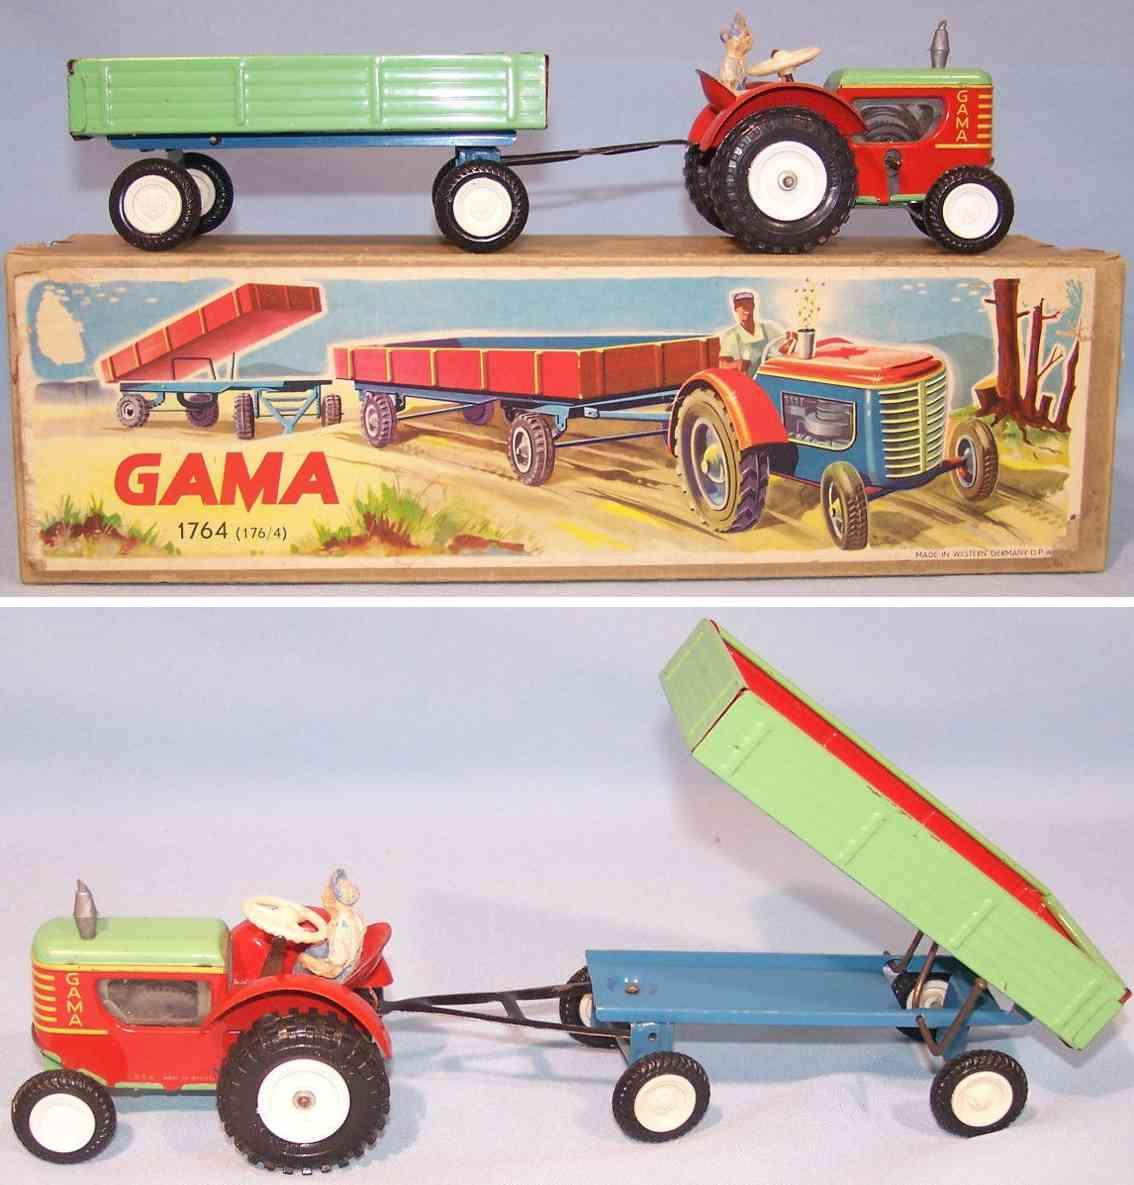 gama 176/4 blech spielzeug traktor mit anhaenger